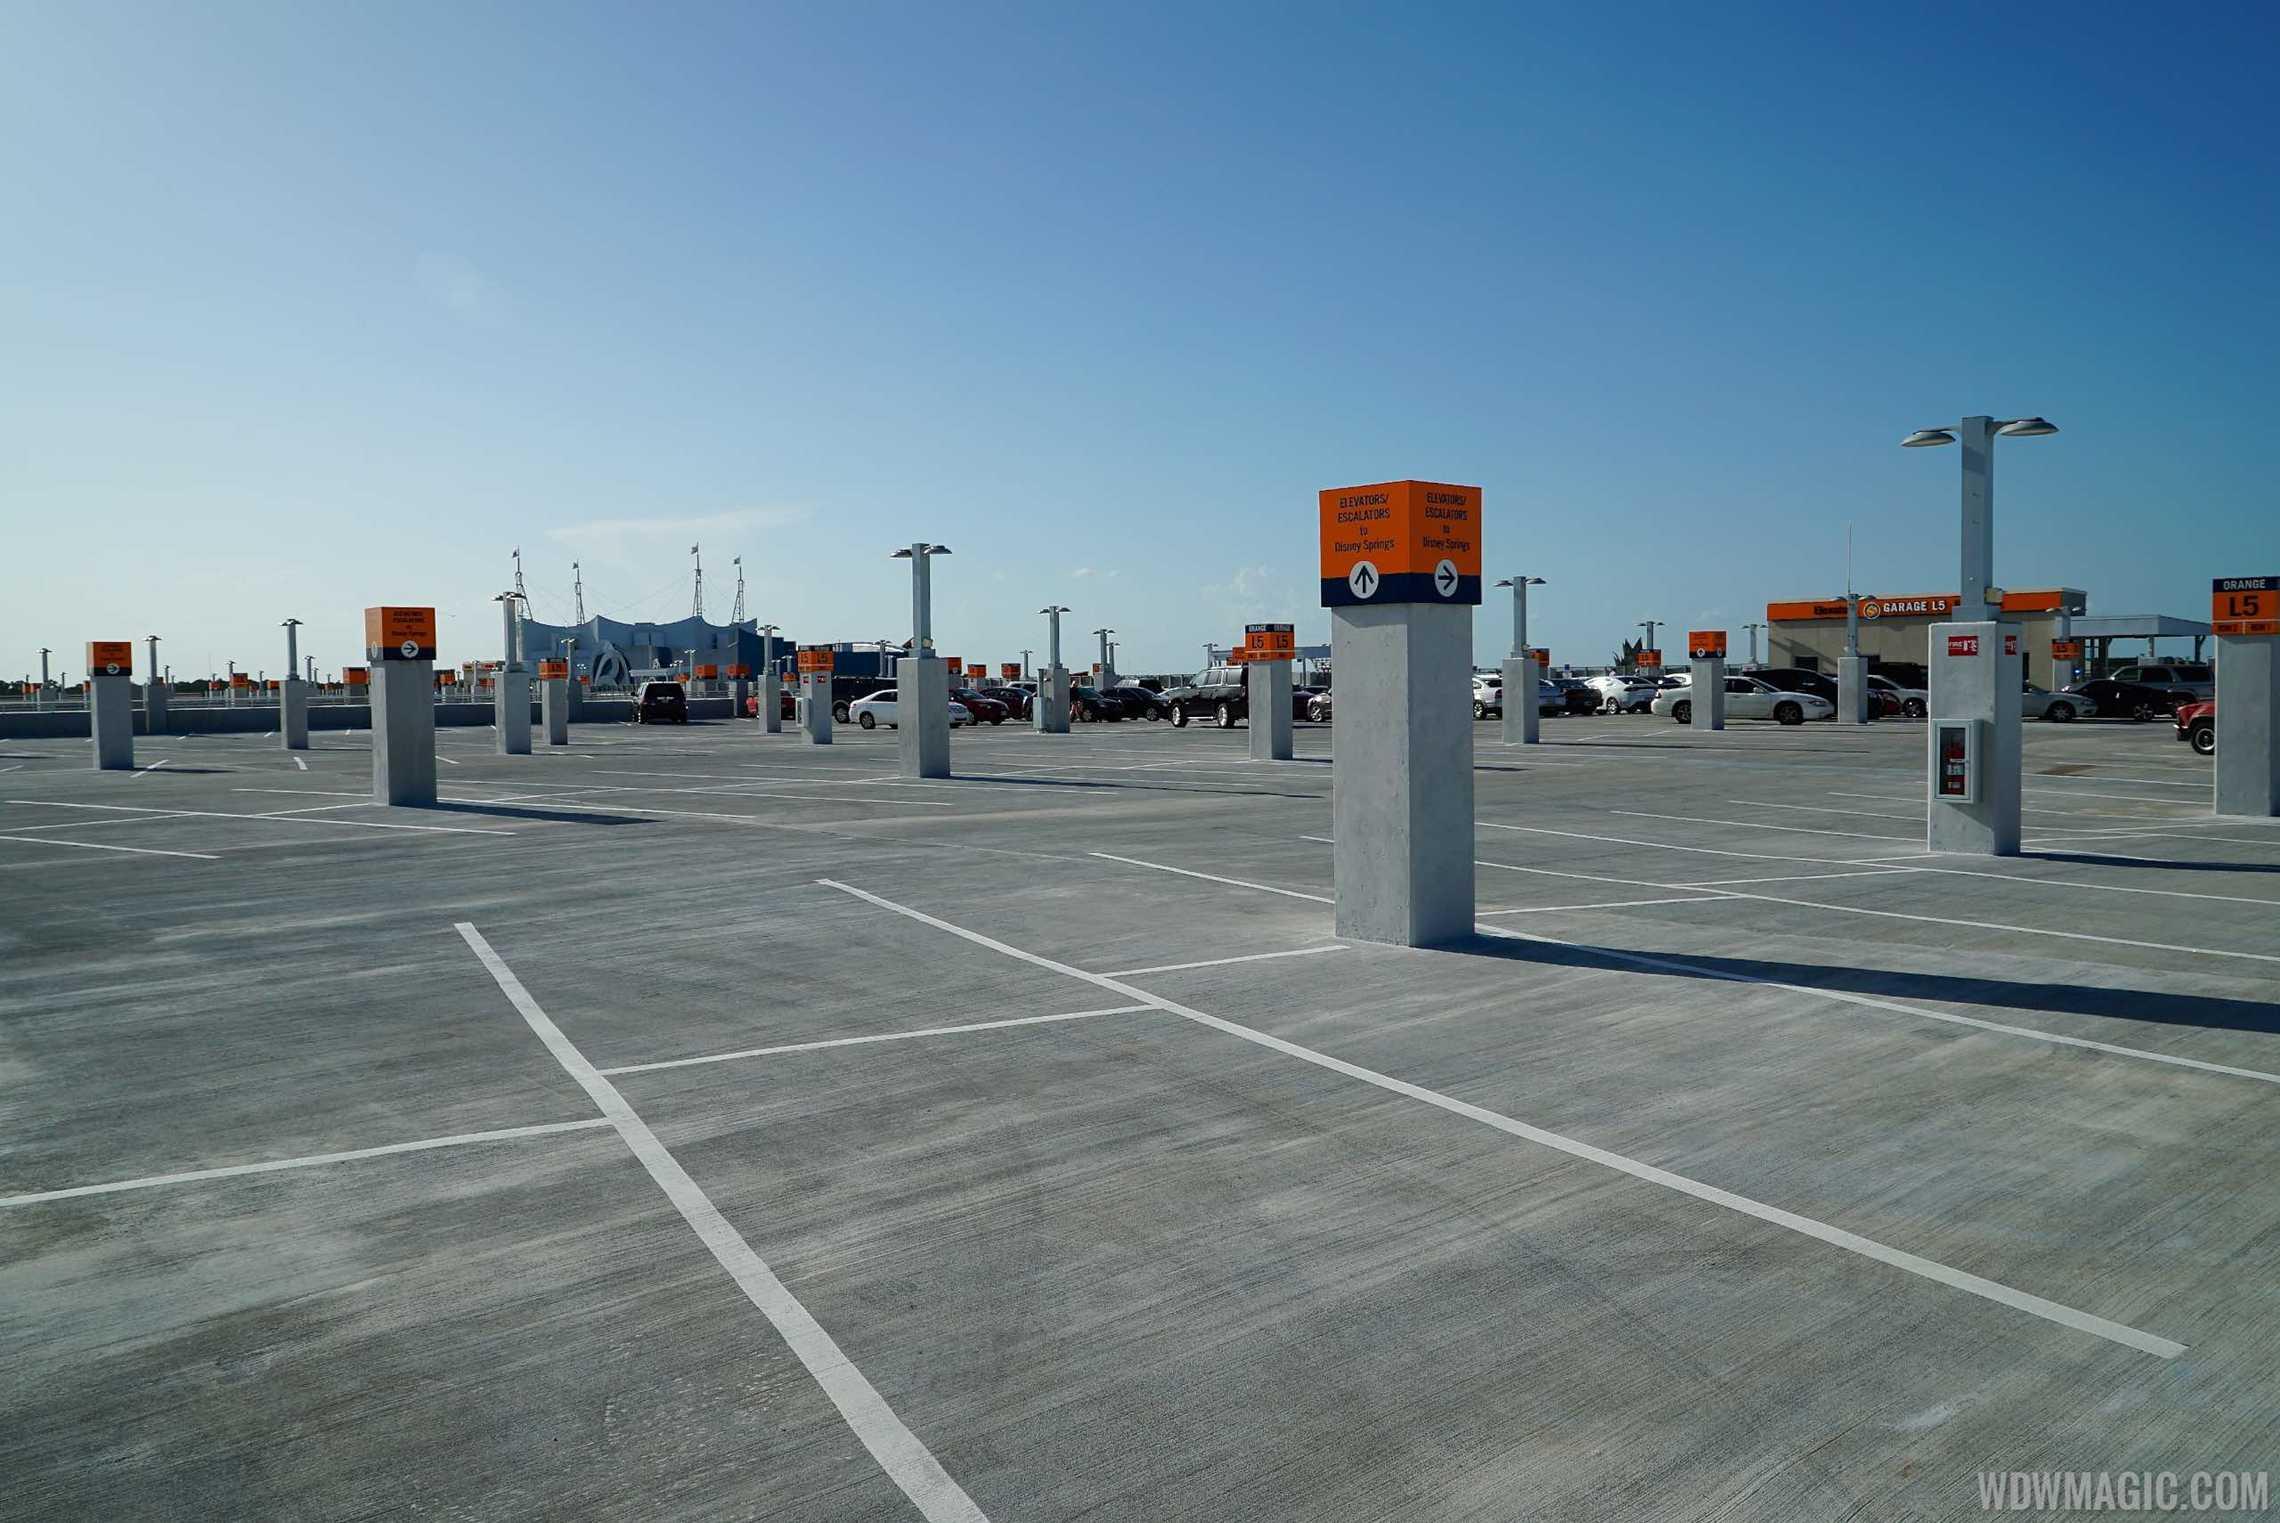 Top Floor at Disney Springs Orange Parking Garage